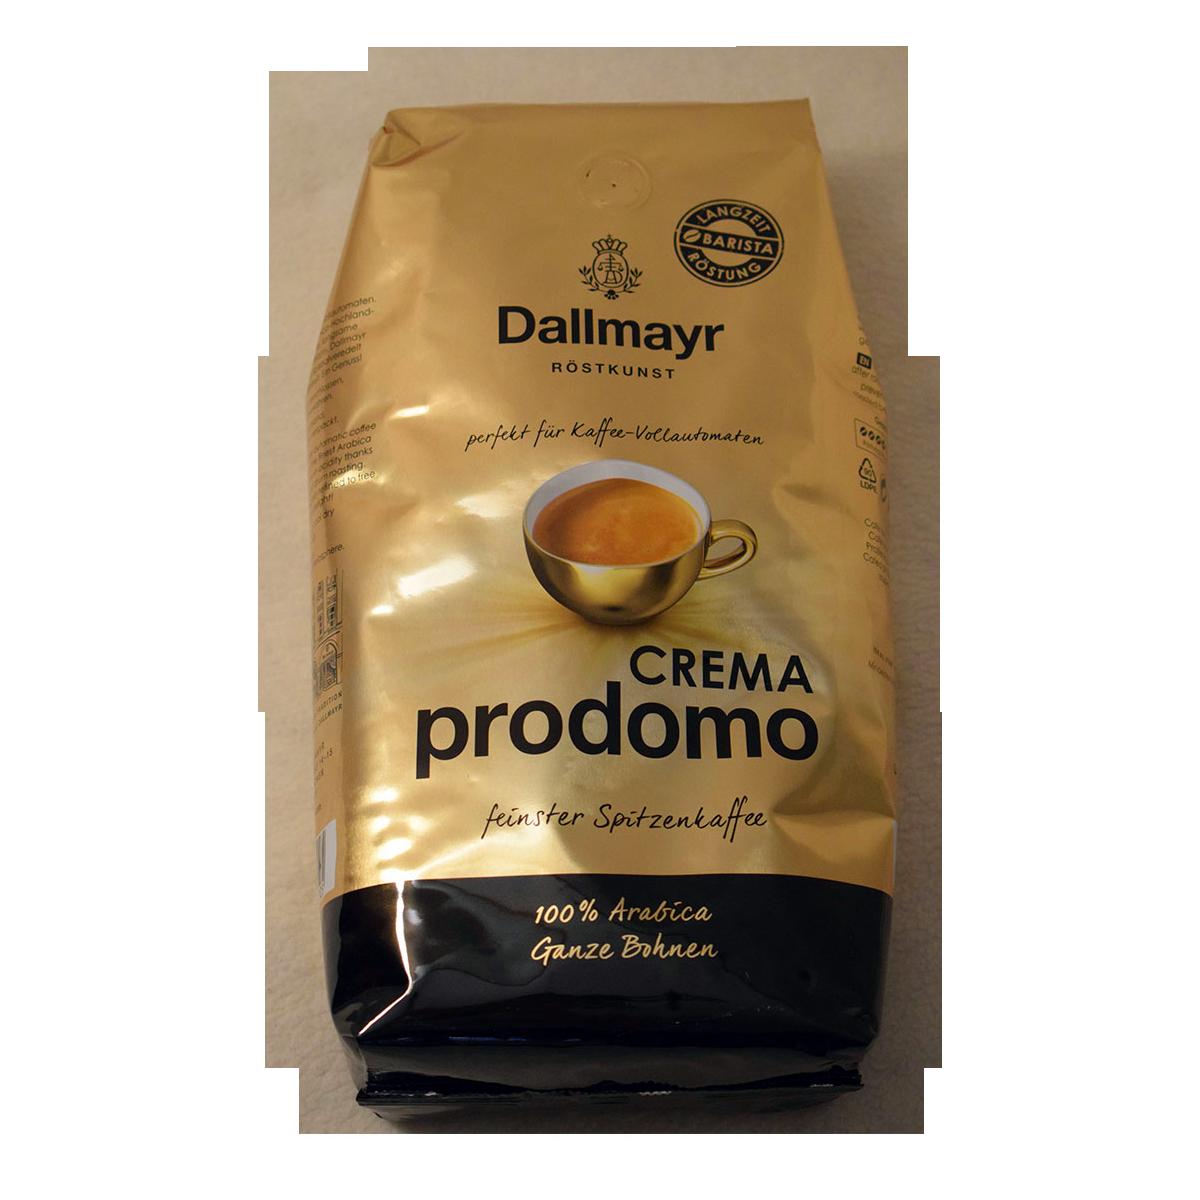 Dallmayr-Crema-Prodomo-Bohnen-1000g